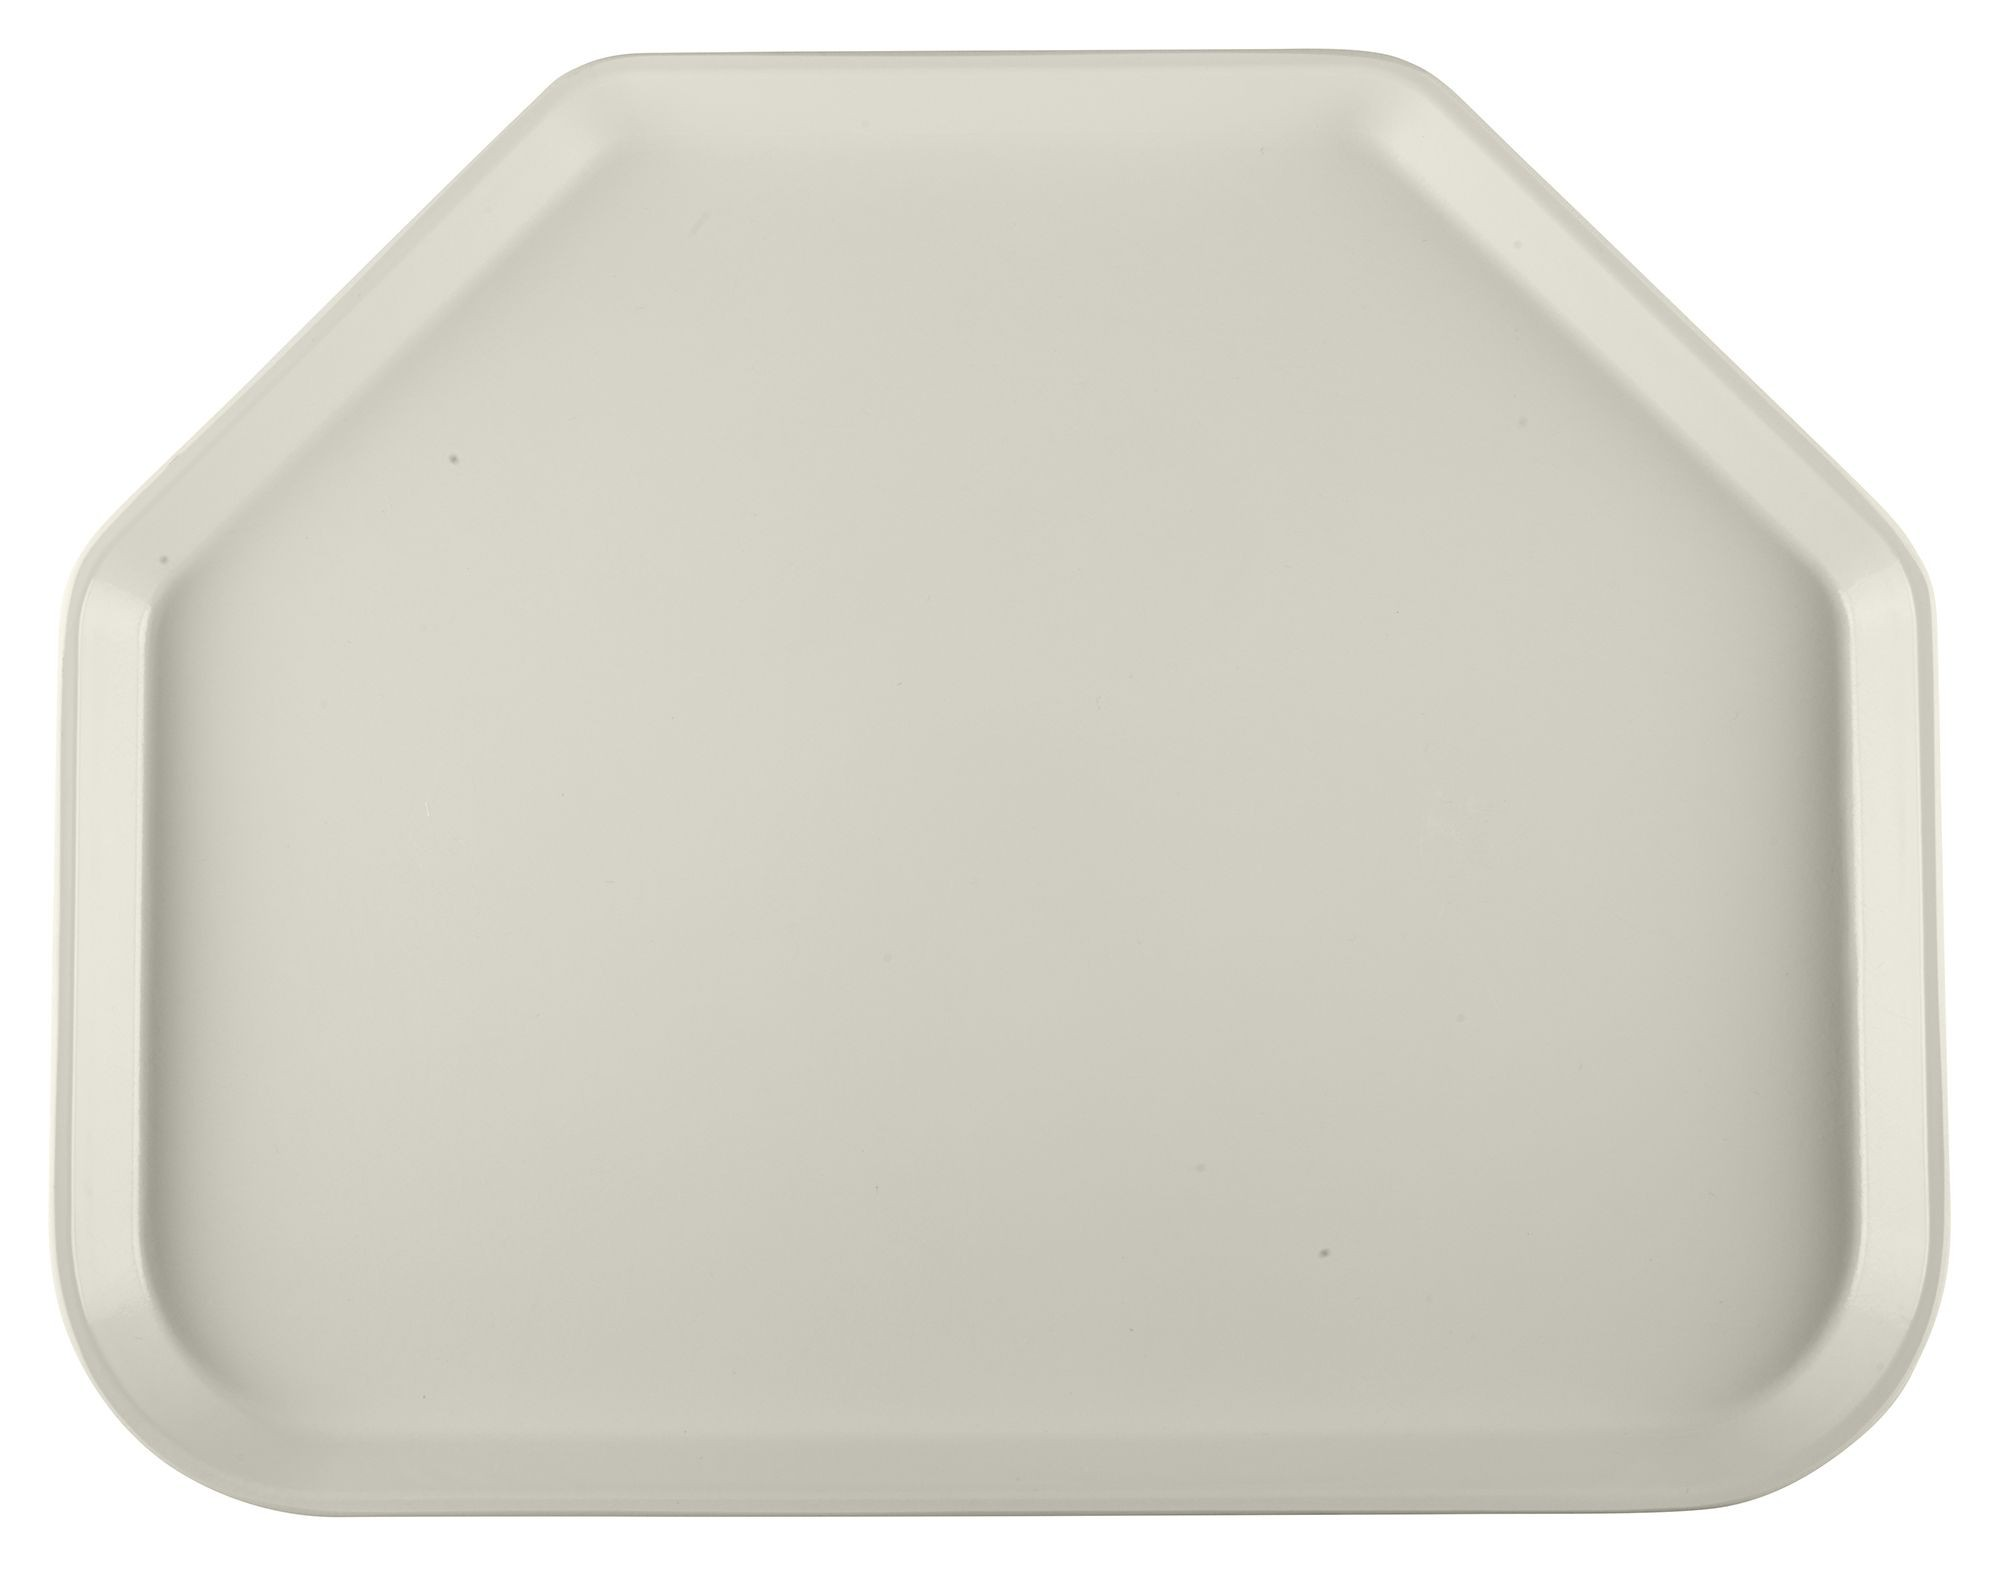 Winco FGTT-1814C Fiberglass Trapezoid Tray, Cream 18quot; x 14quot;